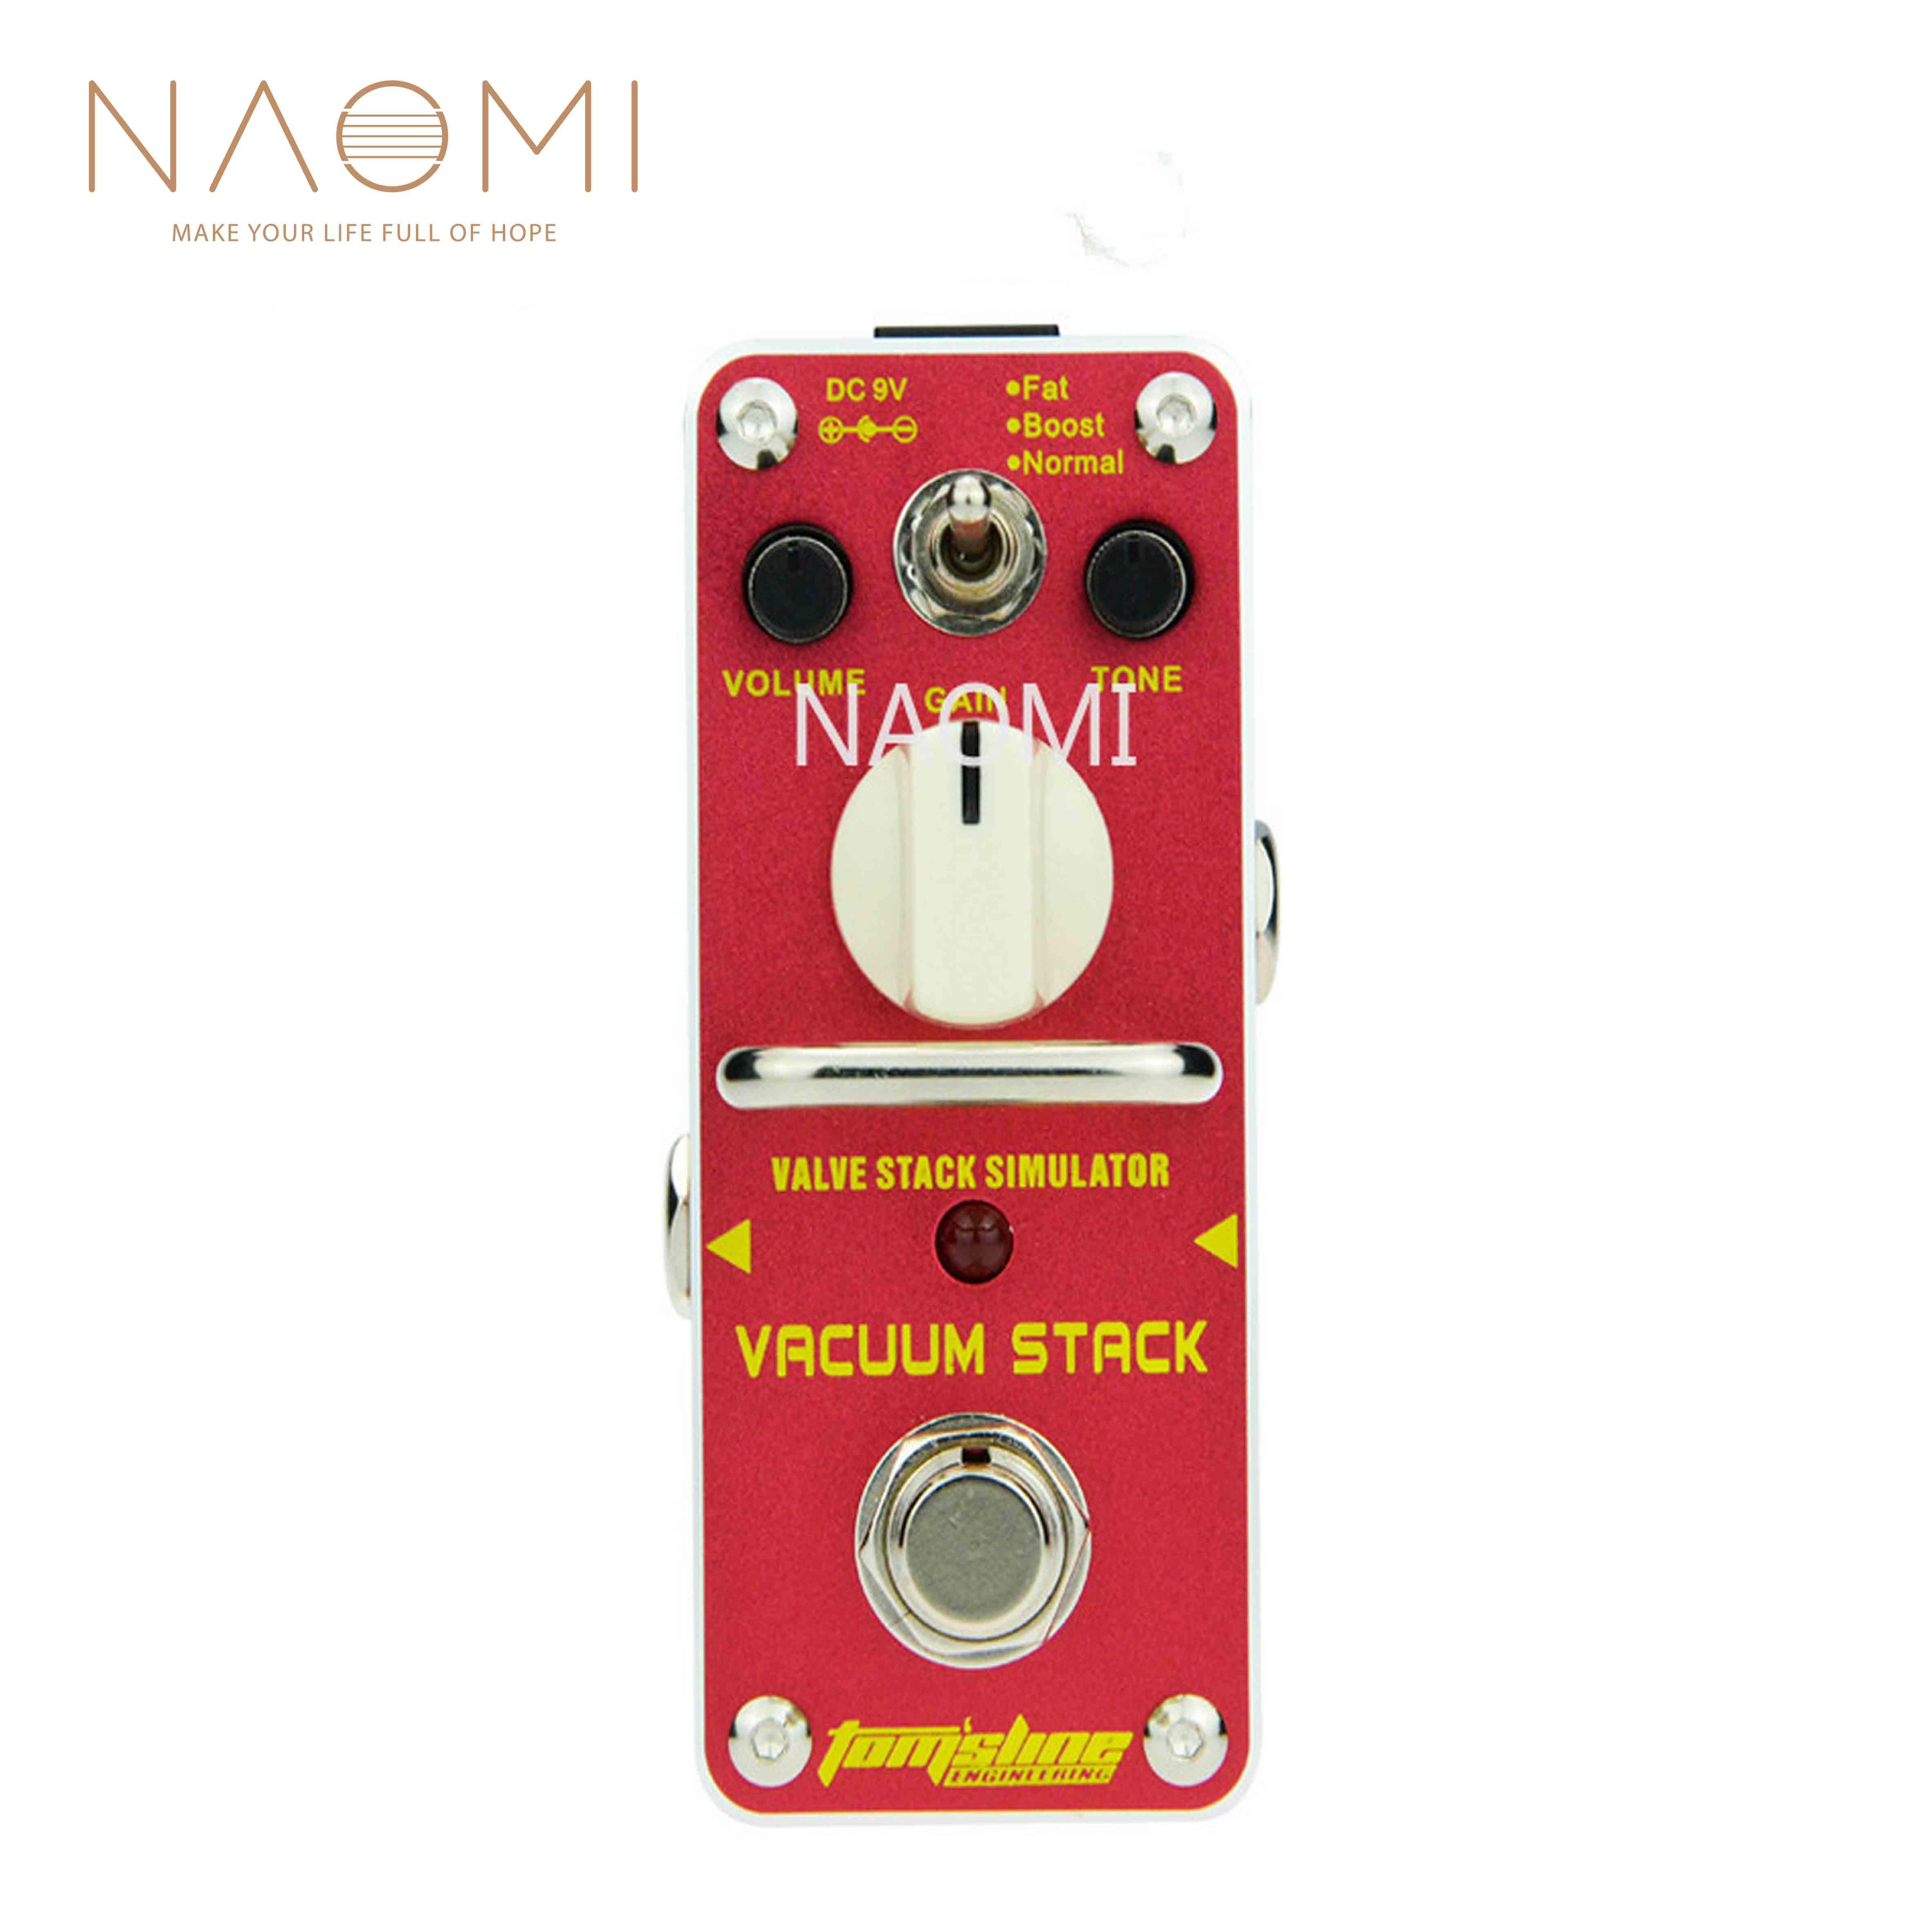 NAOMI AROMA Pédale d'effet guitare AVS-3 Vacuum Stack Mini Pédale d'effet Guitarra W / True Bypass pour guitare électrique Nouveau